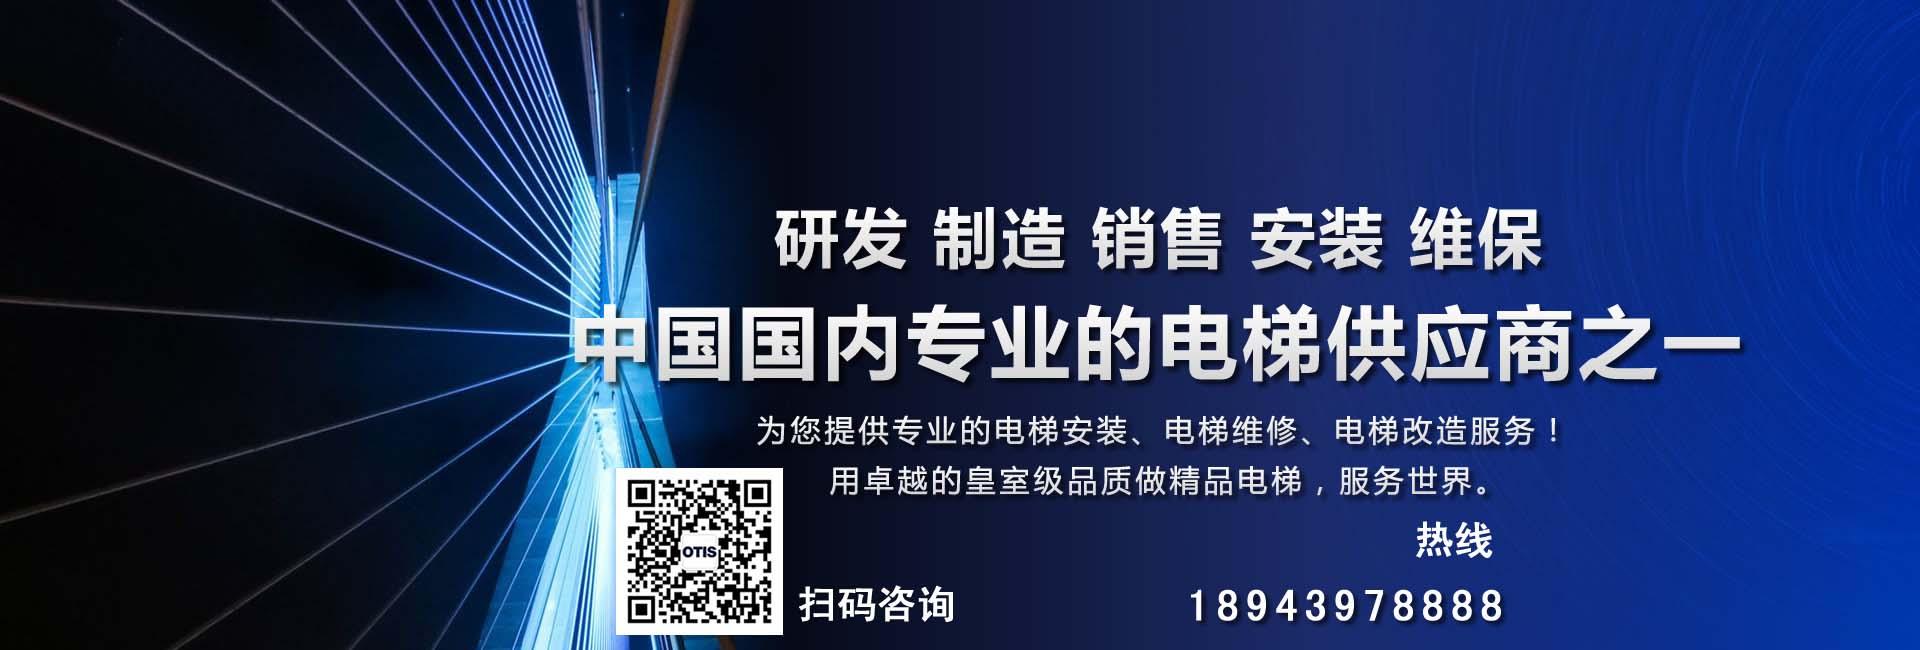 鸿运在线官方下载鸿运国际手机版网址是公司